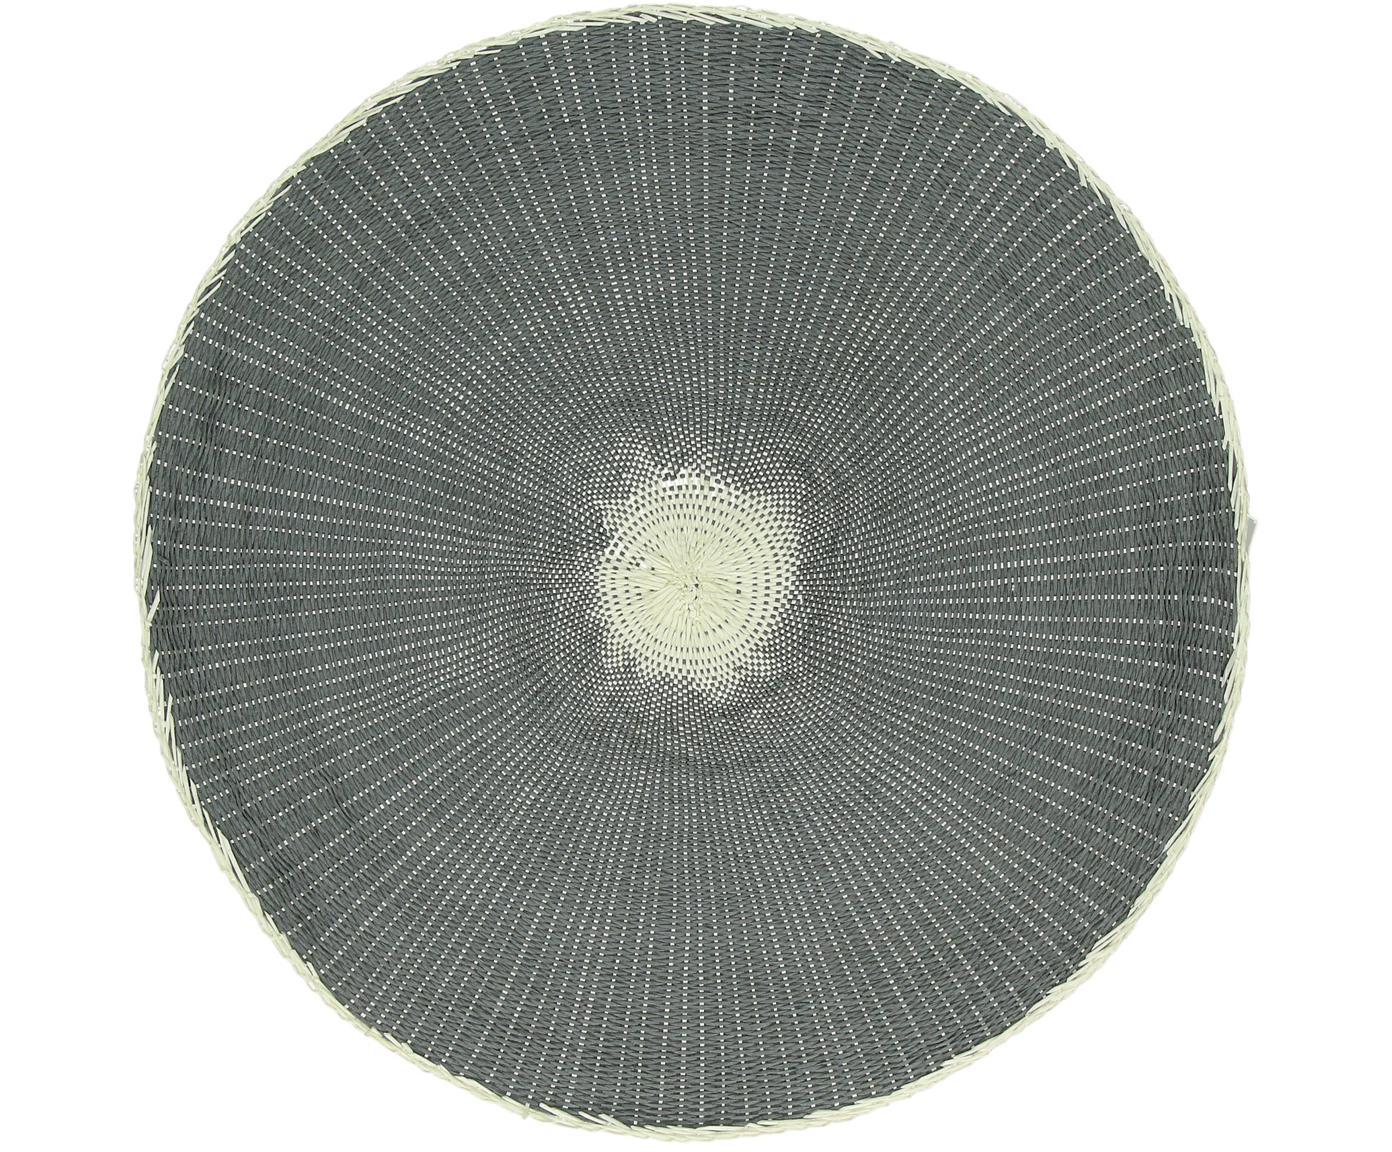 Ronde placemats Kolori, 2 stuks, Papiervezels, Grijs, crèmekleurig, Ø 38 cm